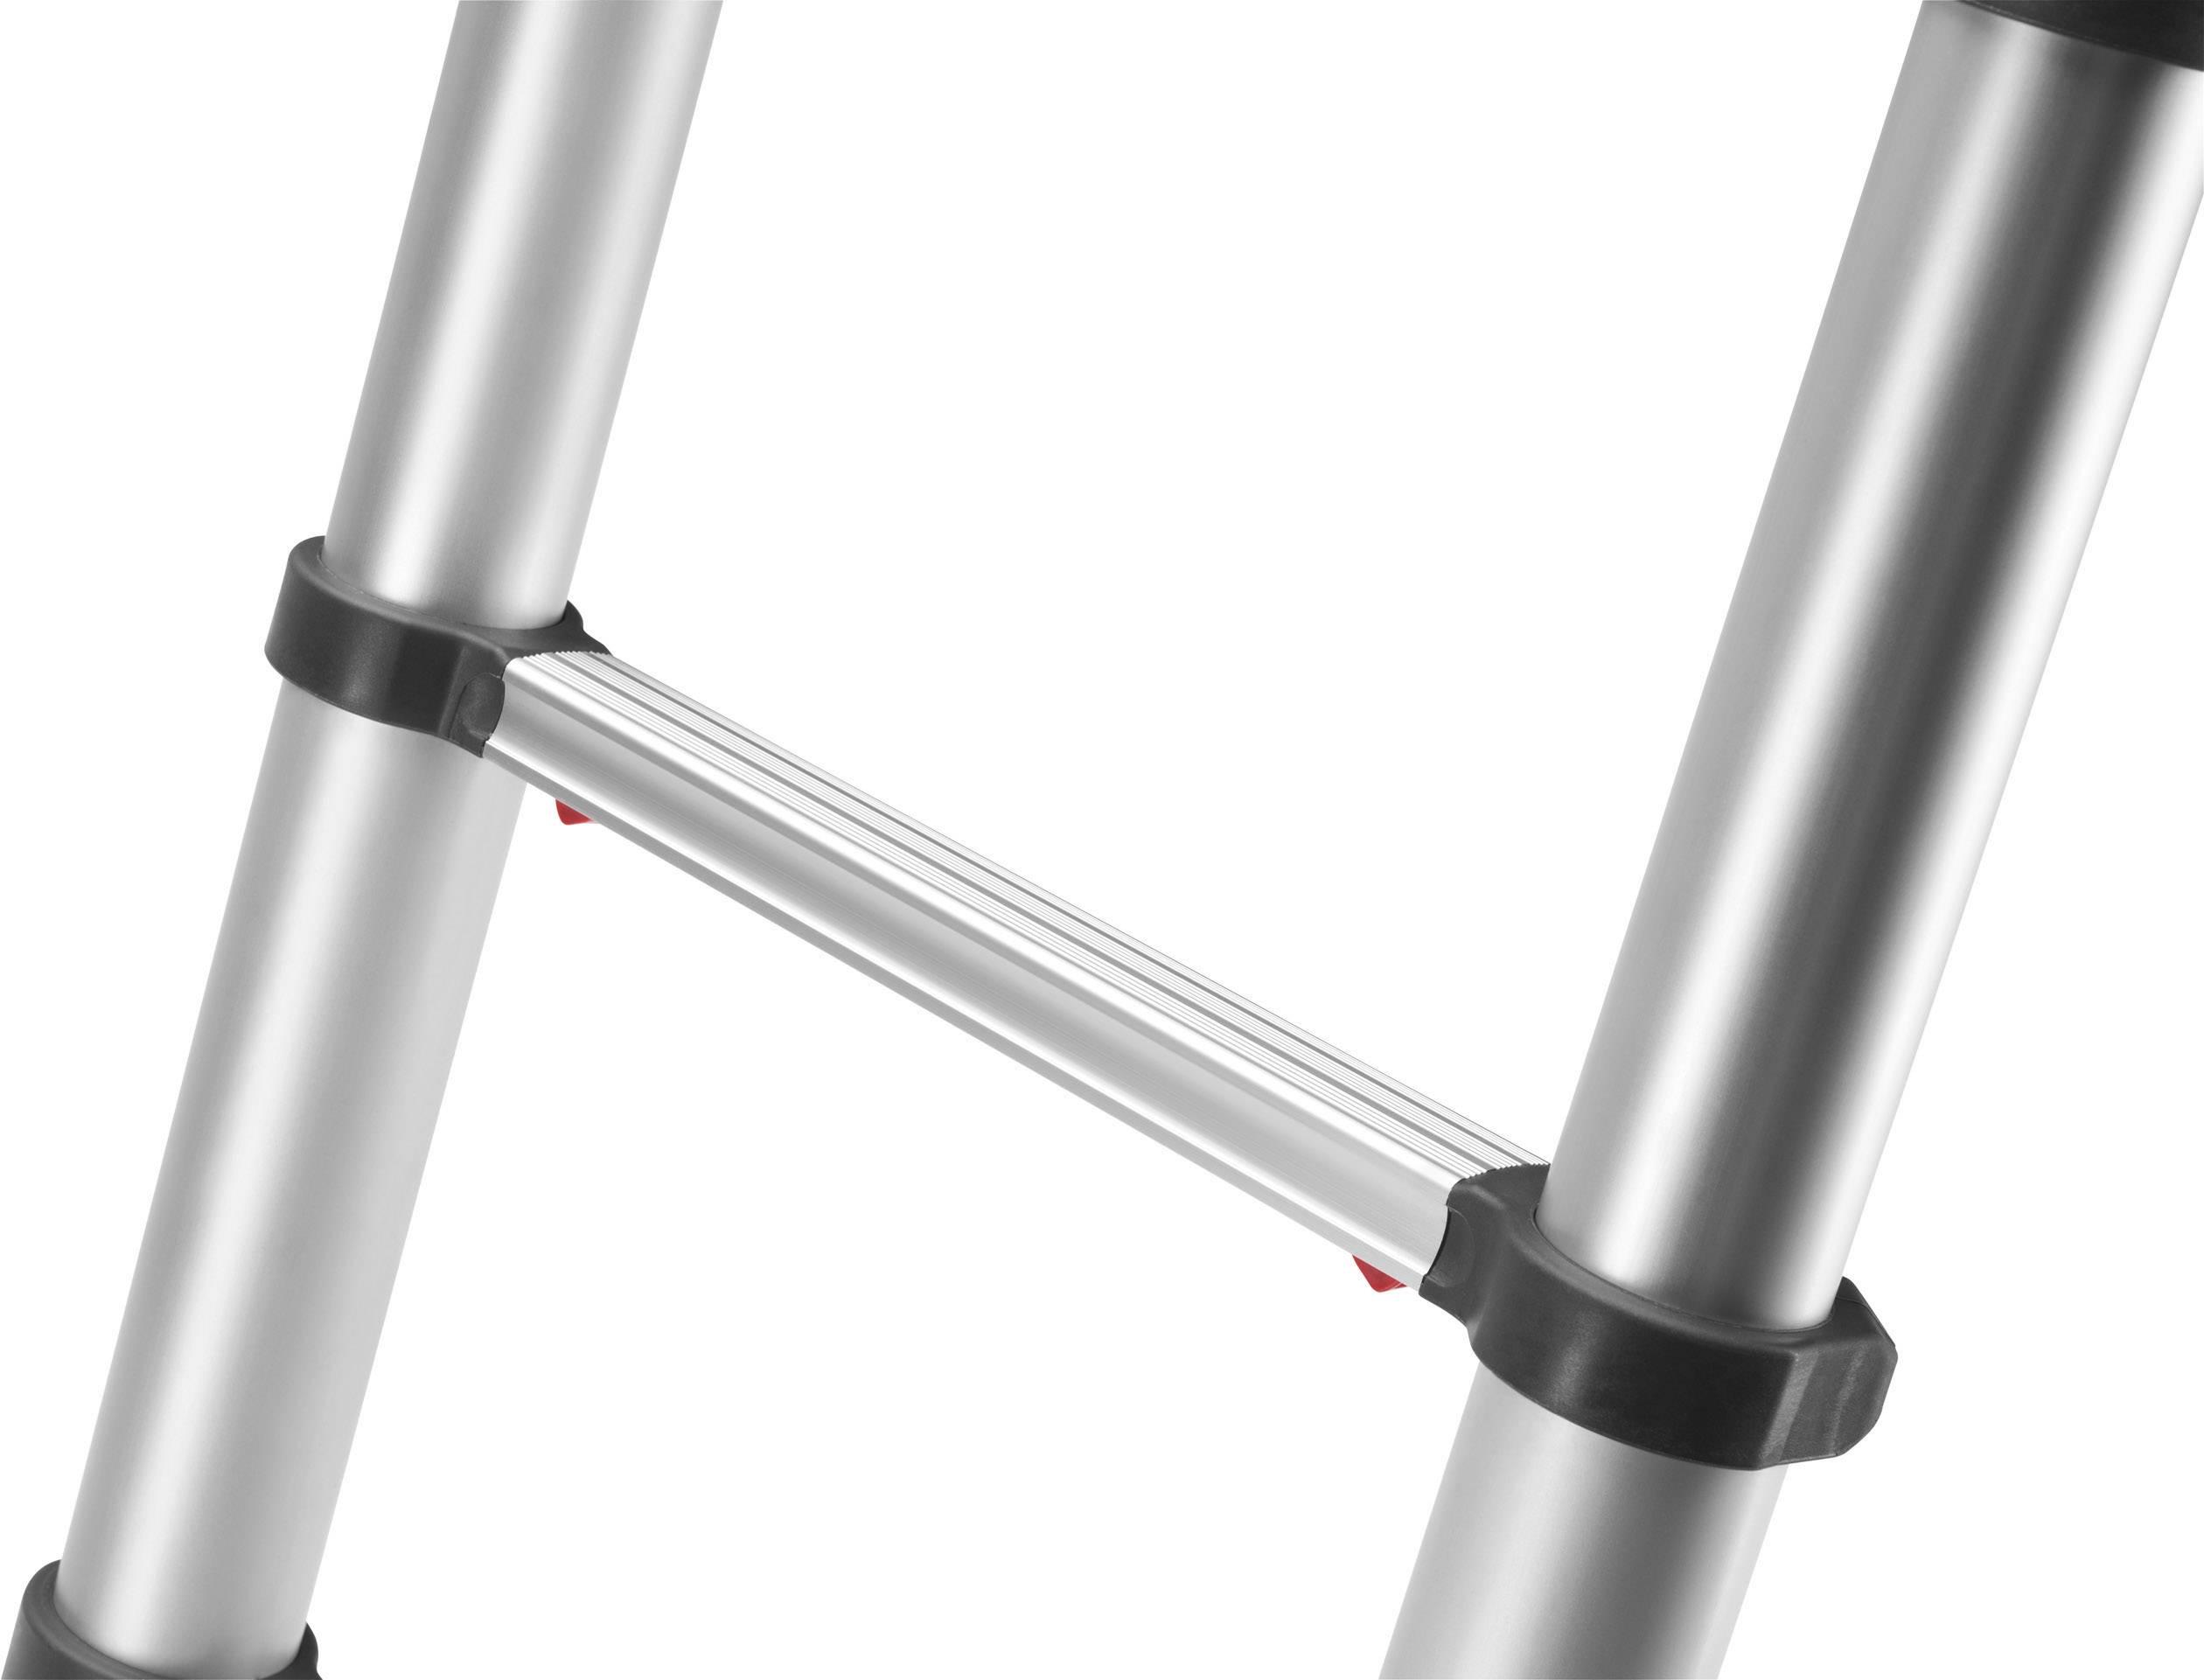 Krause stabilo gelenk teleskopleiter aluminium engelbert strauss